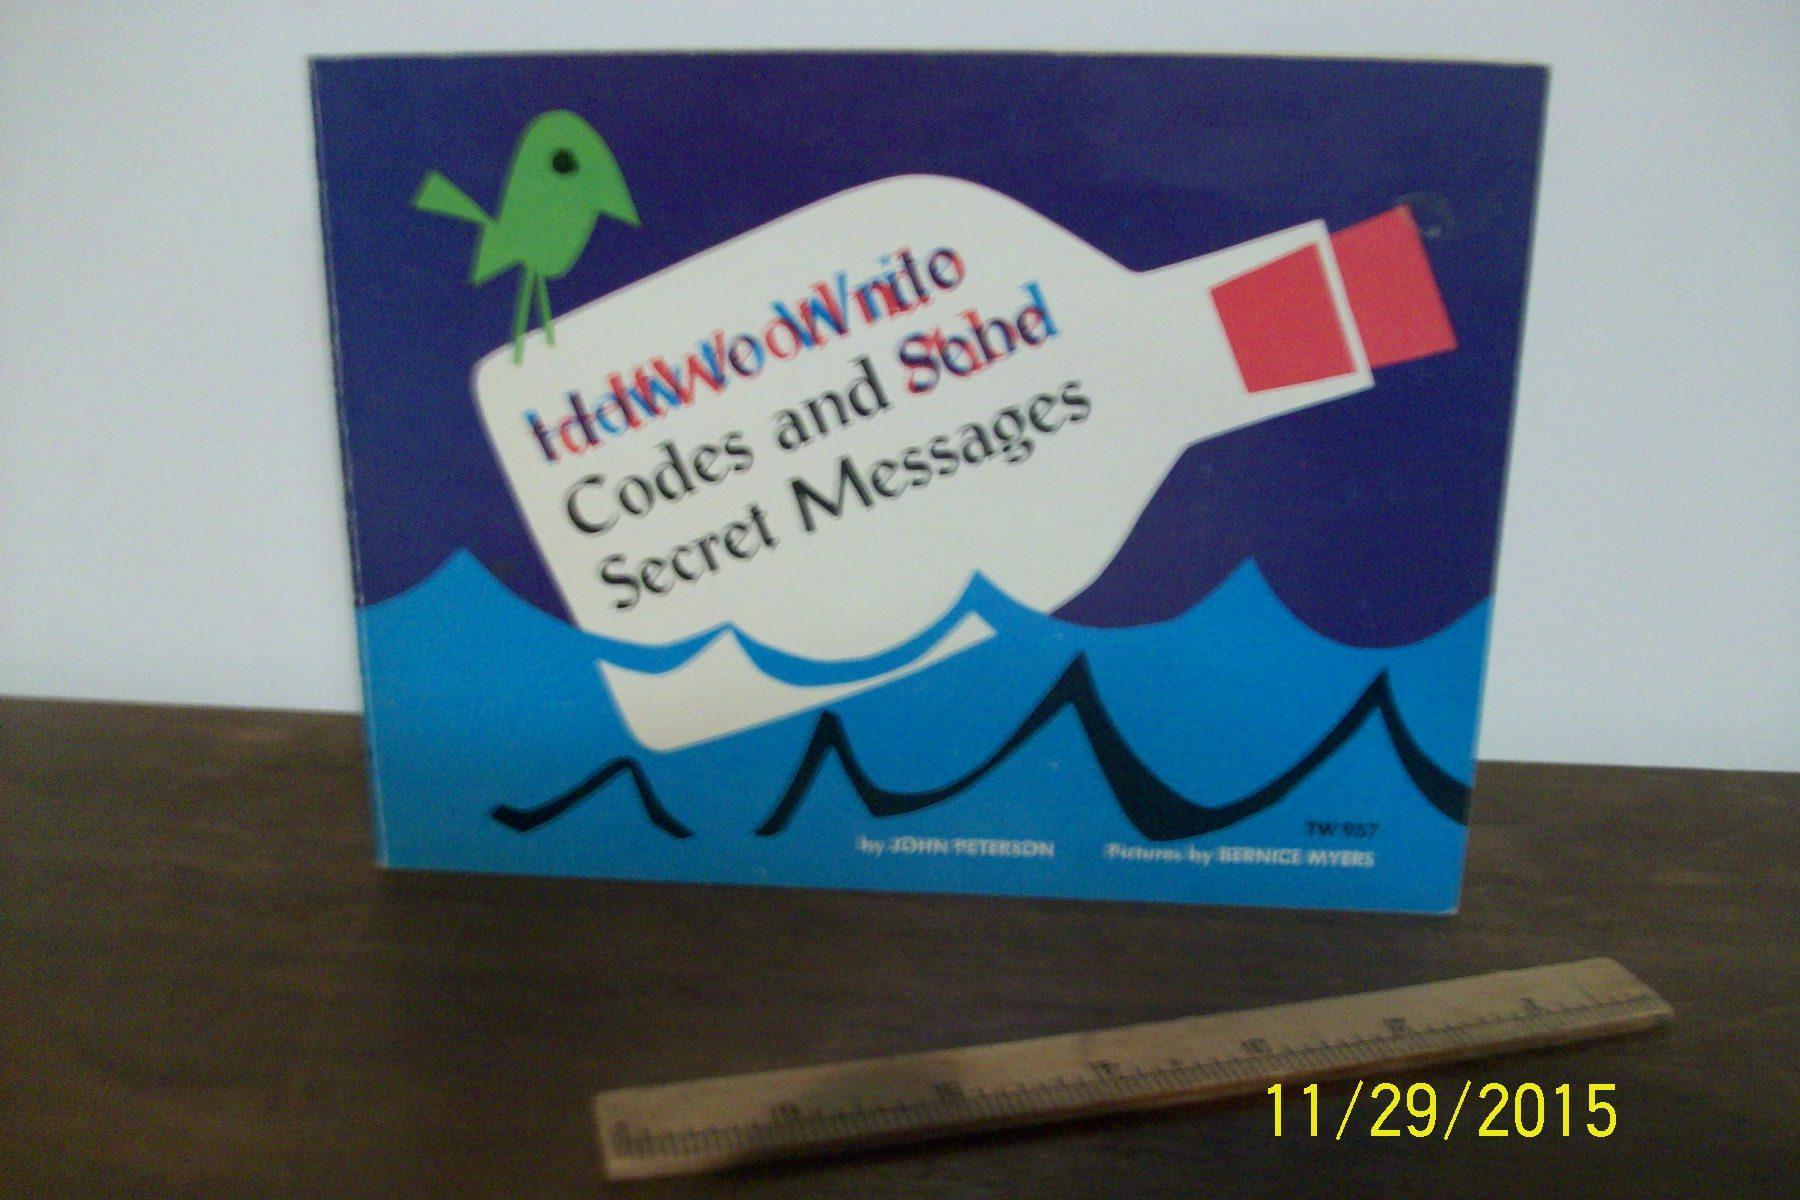 How to Write Secret Codes and Send Secret